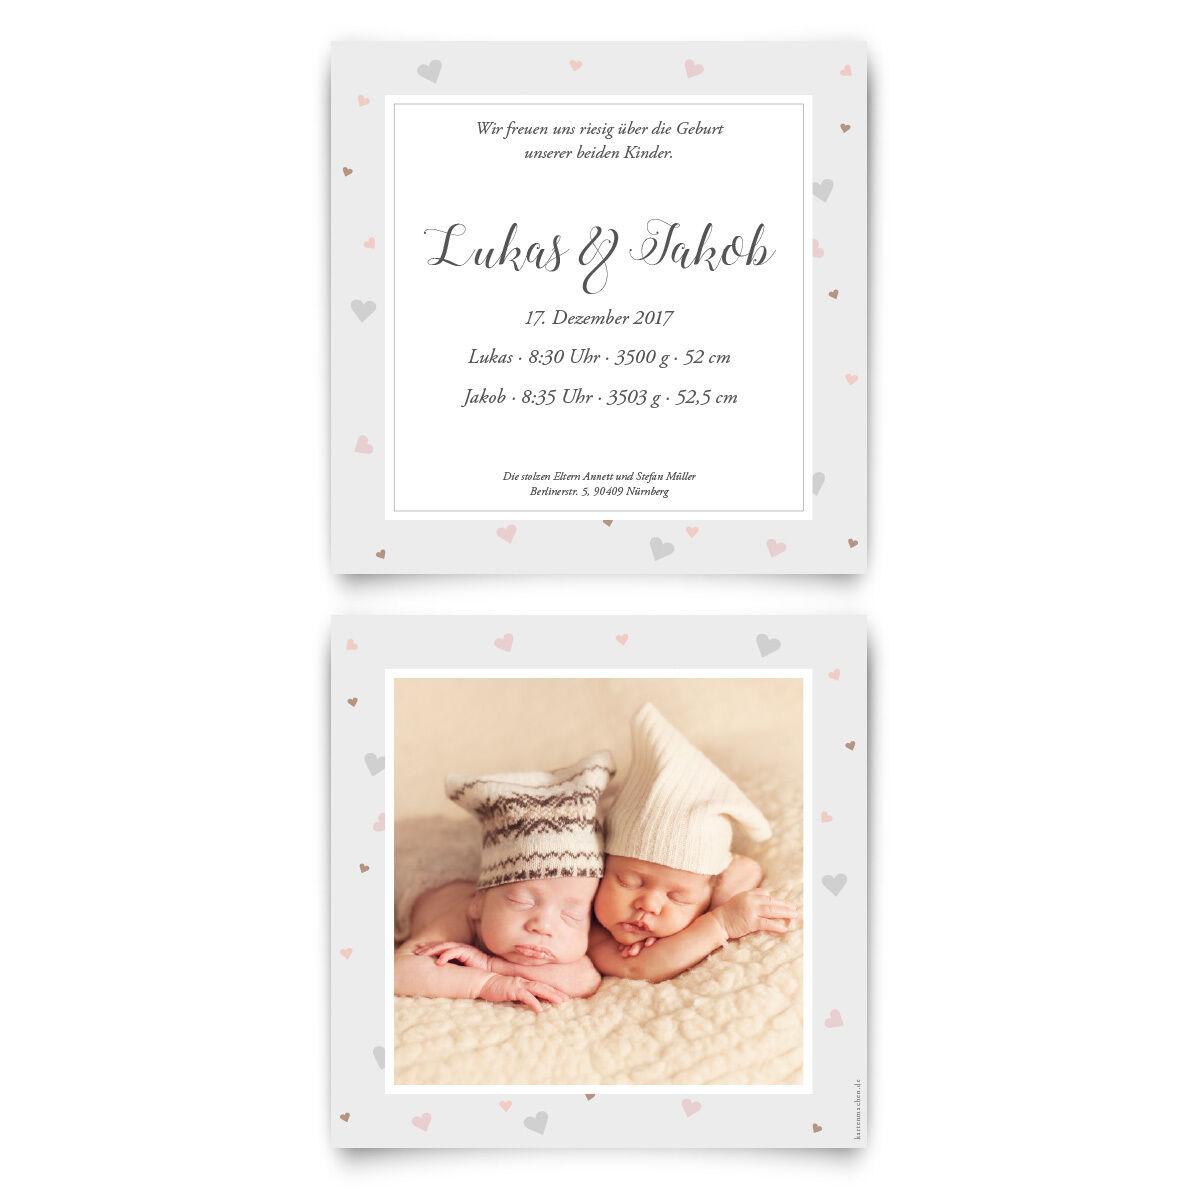 Geburtskarten - Zwillinge mit Herzrahmen - Geburt Babykarten Zwillingskarten | Viele Sorten  | Speichern